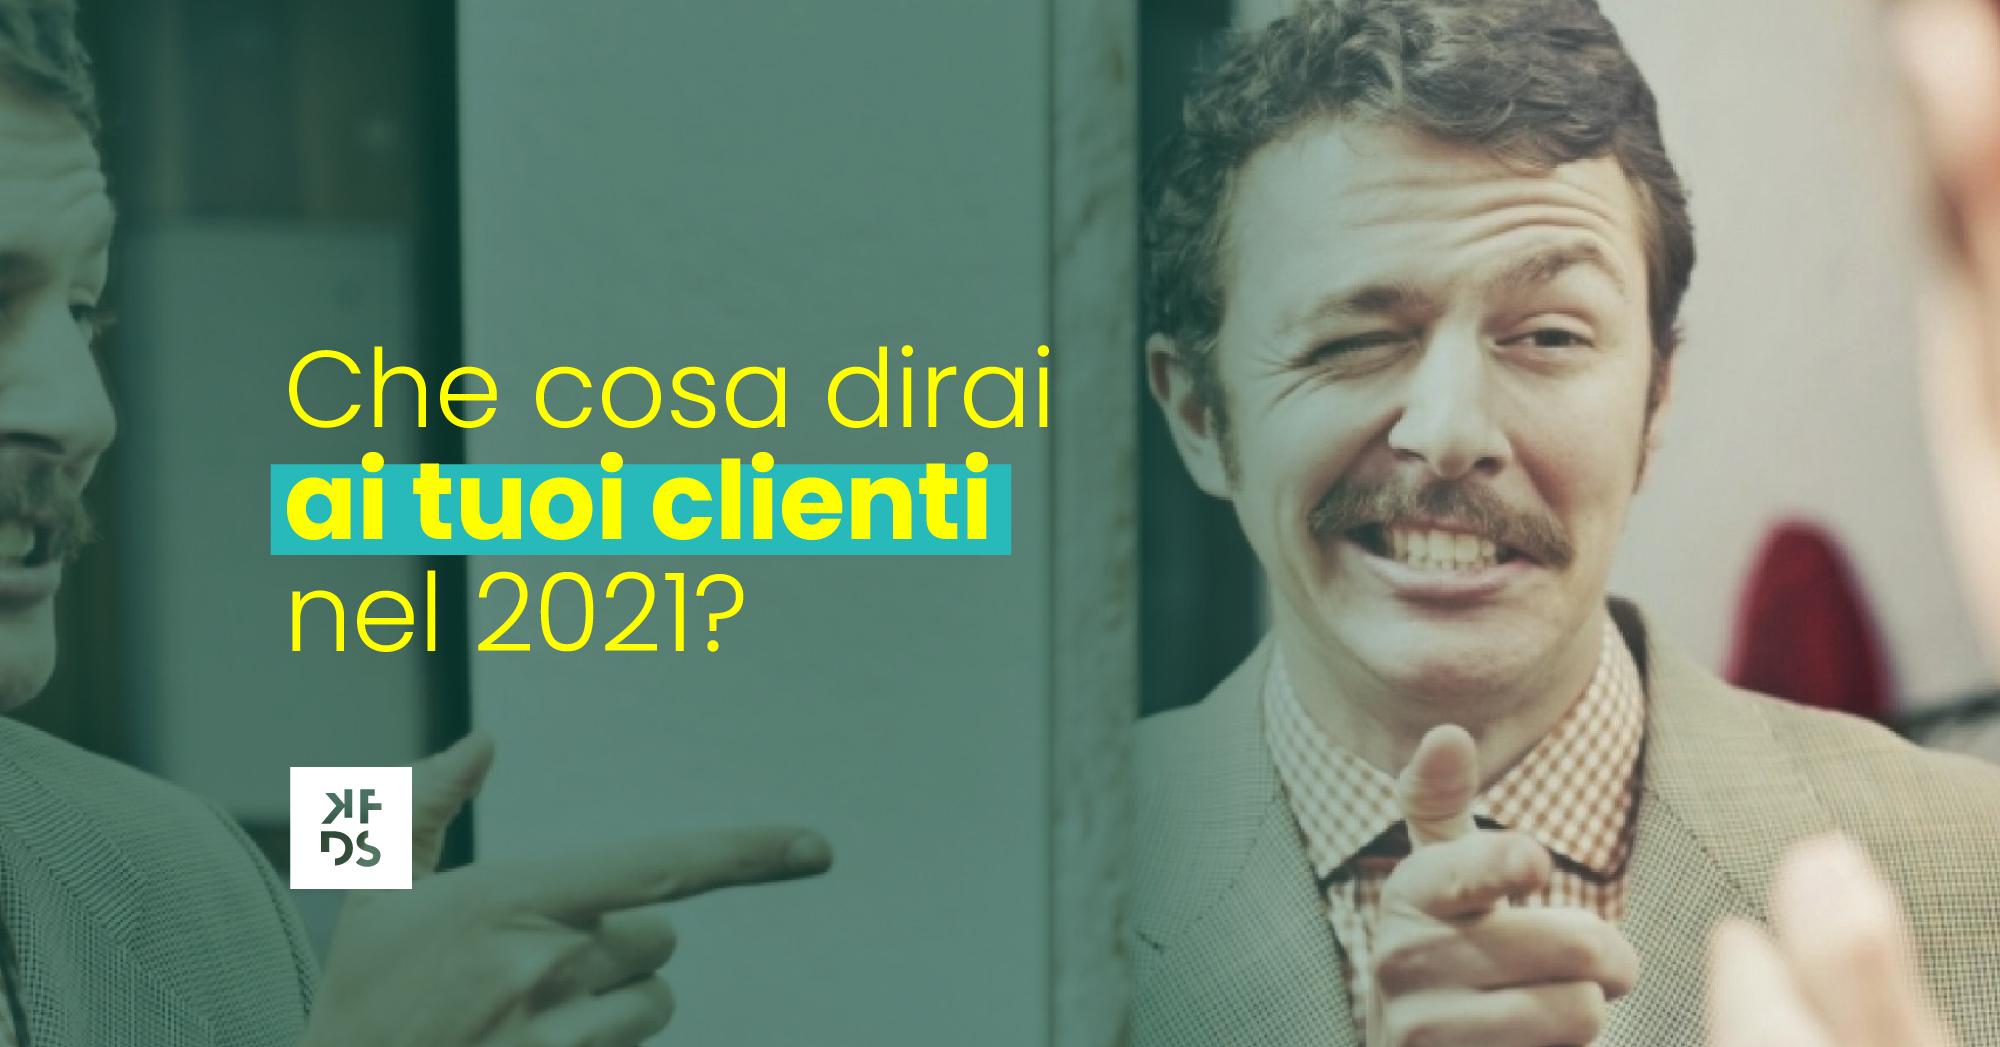 KFDS - Newsletter - Che cosa dirai ai tuoi clienti nel 2021?